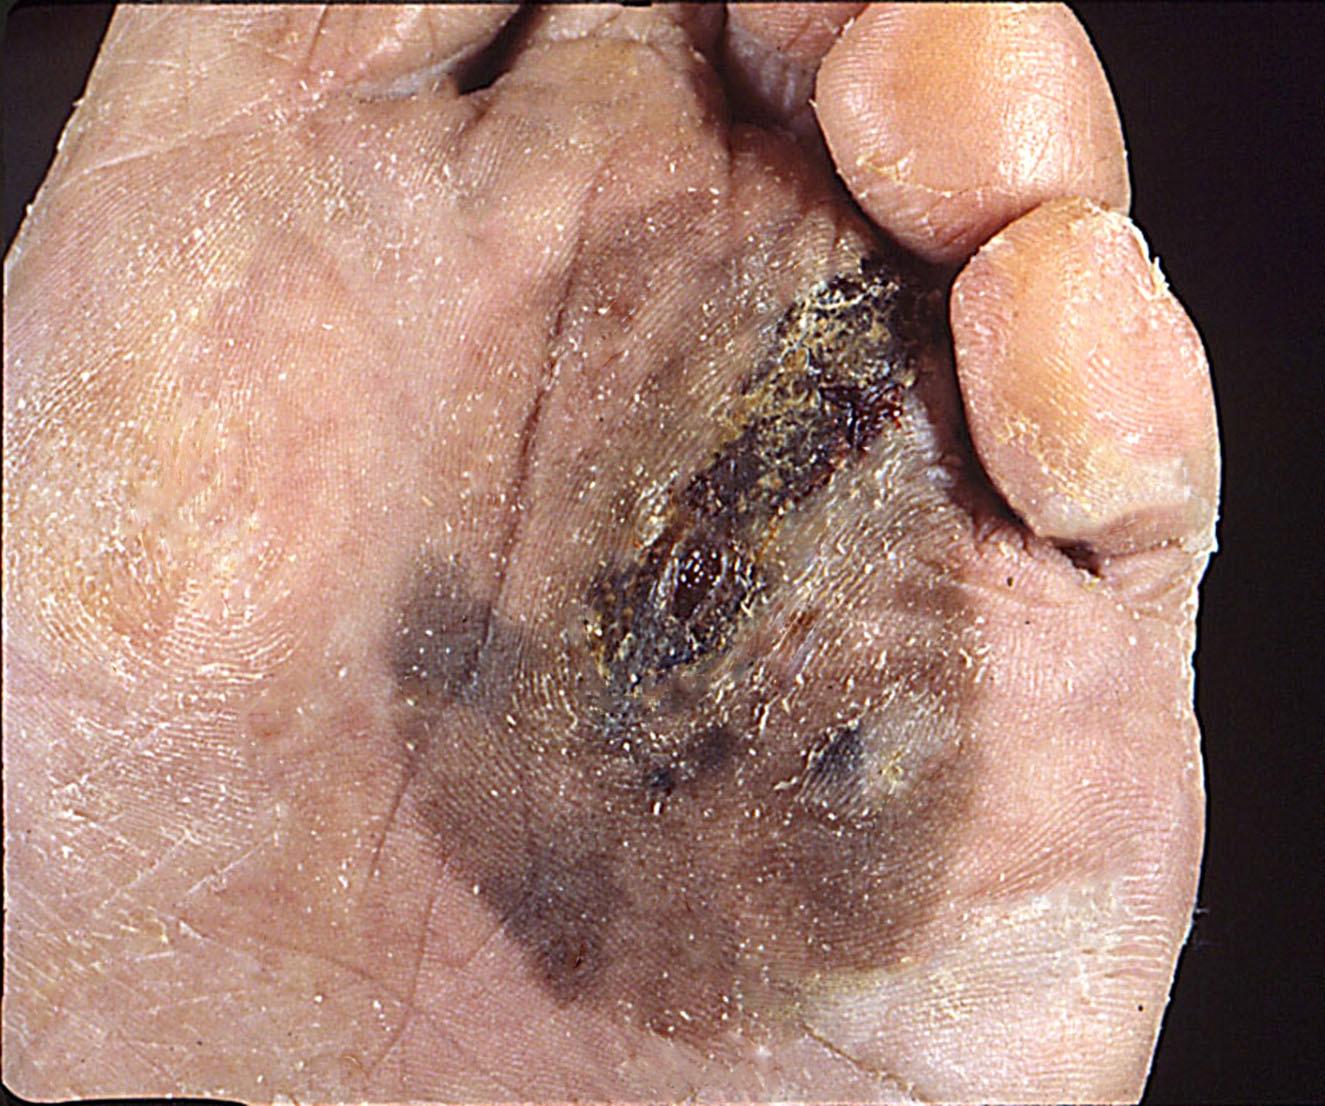 Invasive acral lentiginous melanoma